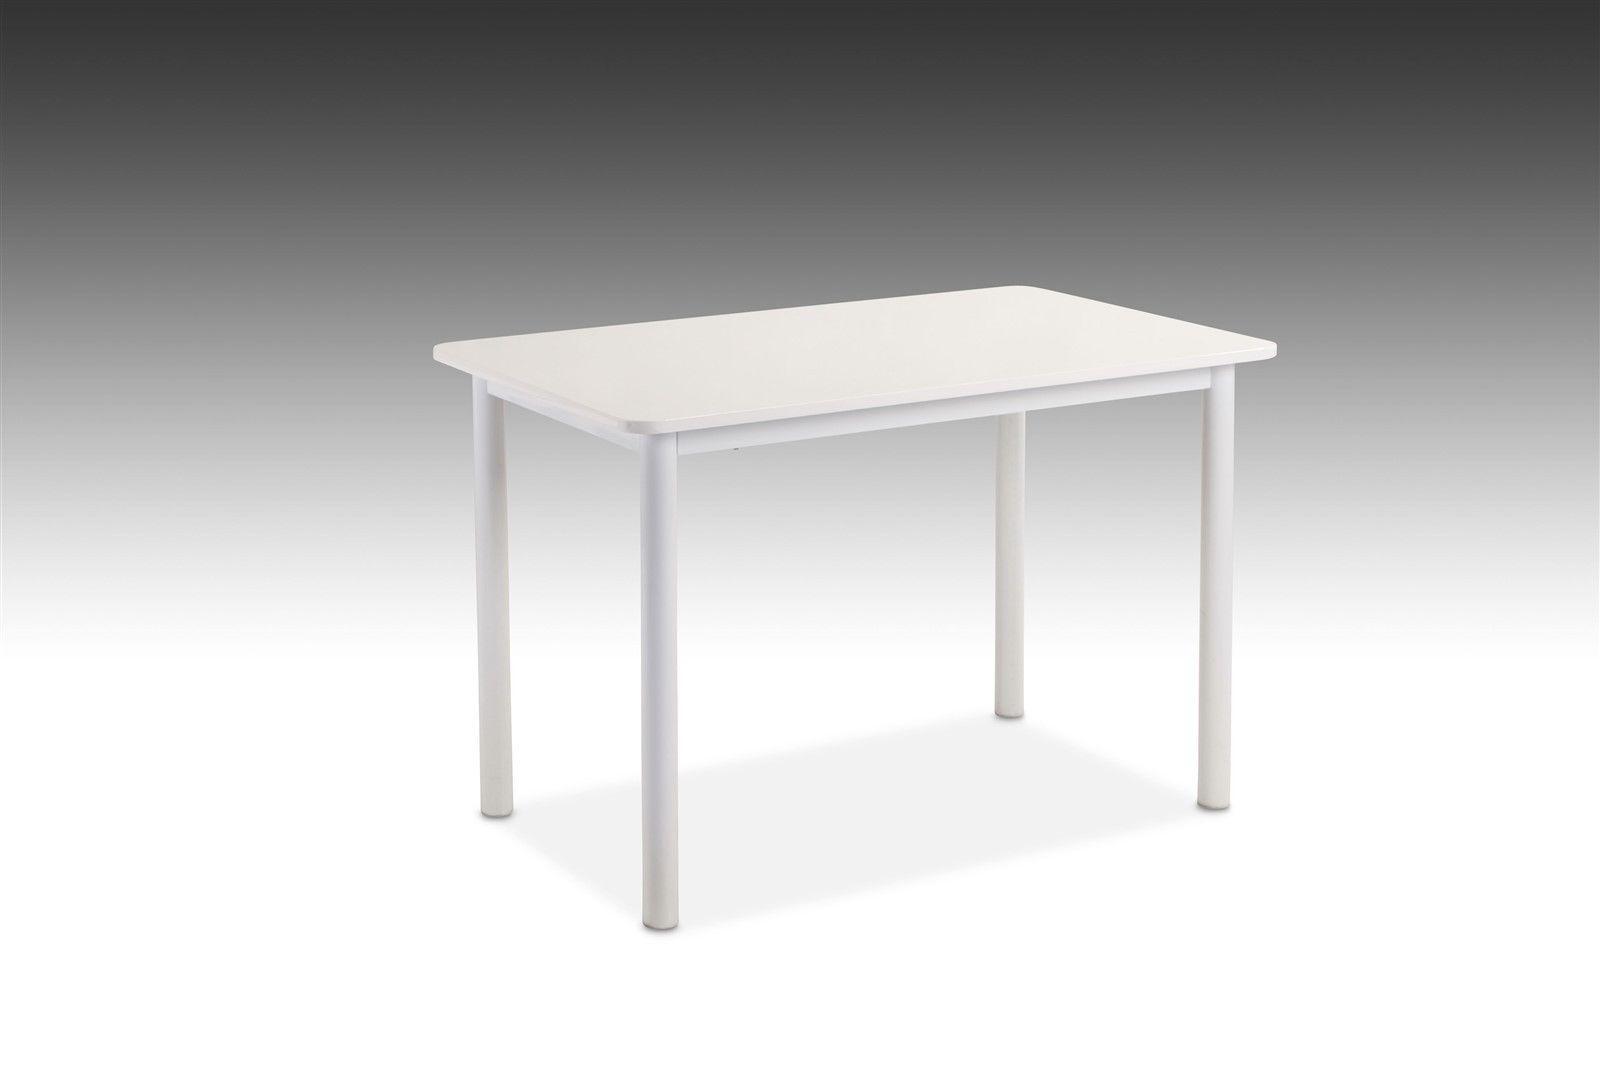 tisch 110x70 top tip tische elegant tische tisch anke mdf weia hochglanz ca x cm with tisch. Black Bedroom Furniture Sets. Home Design Ideas